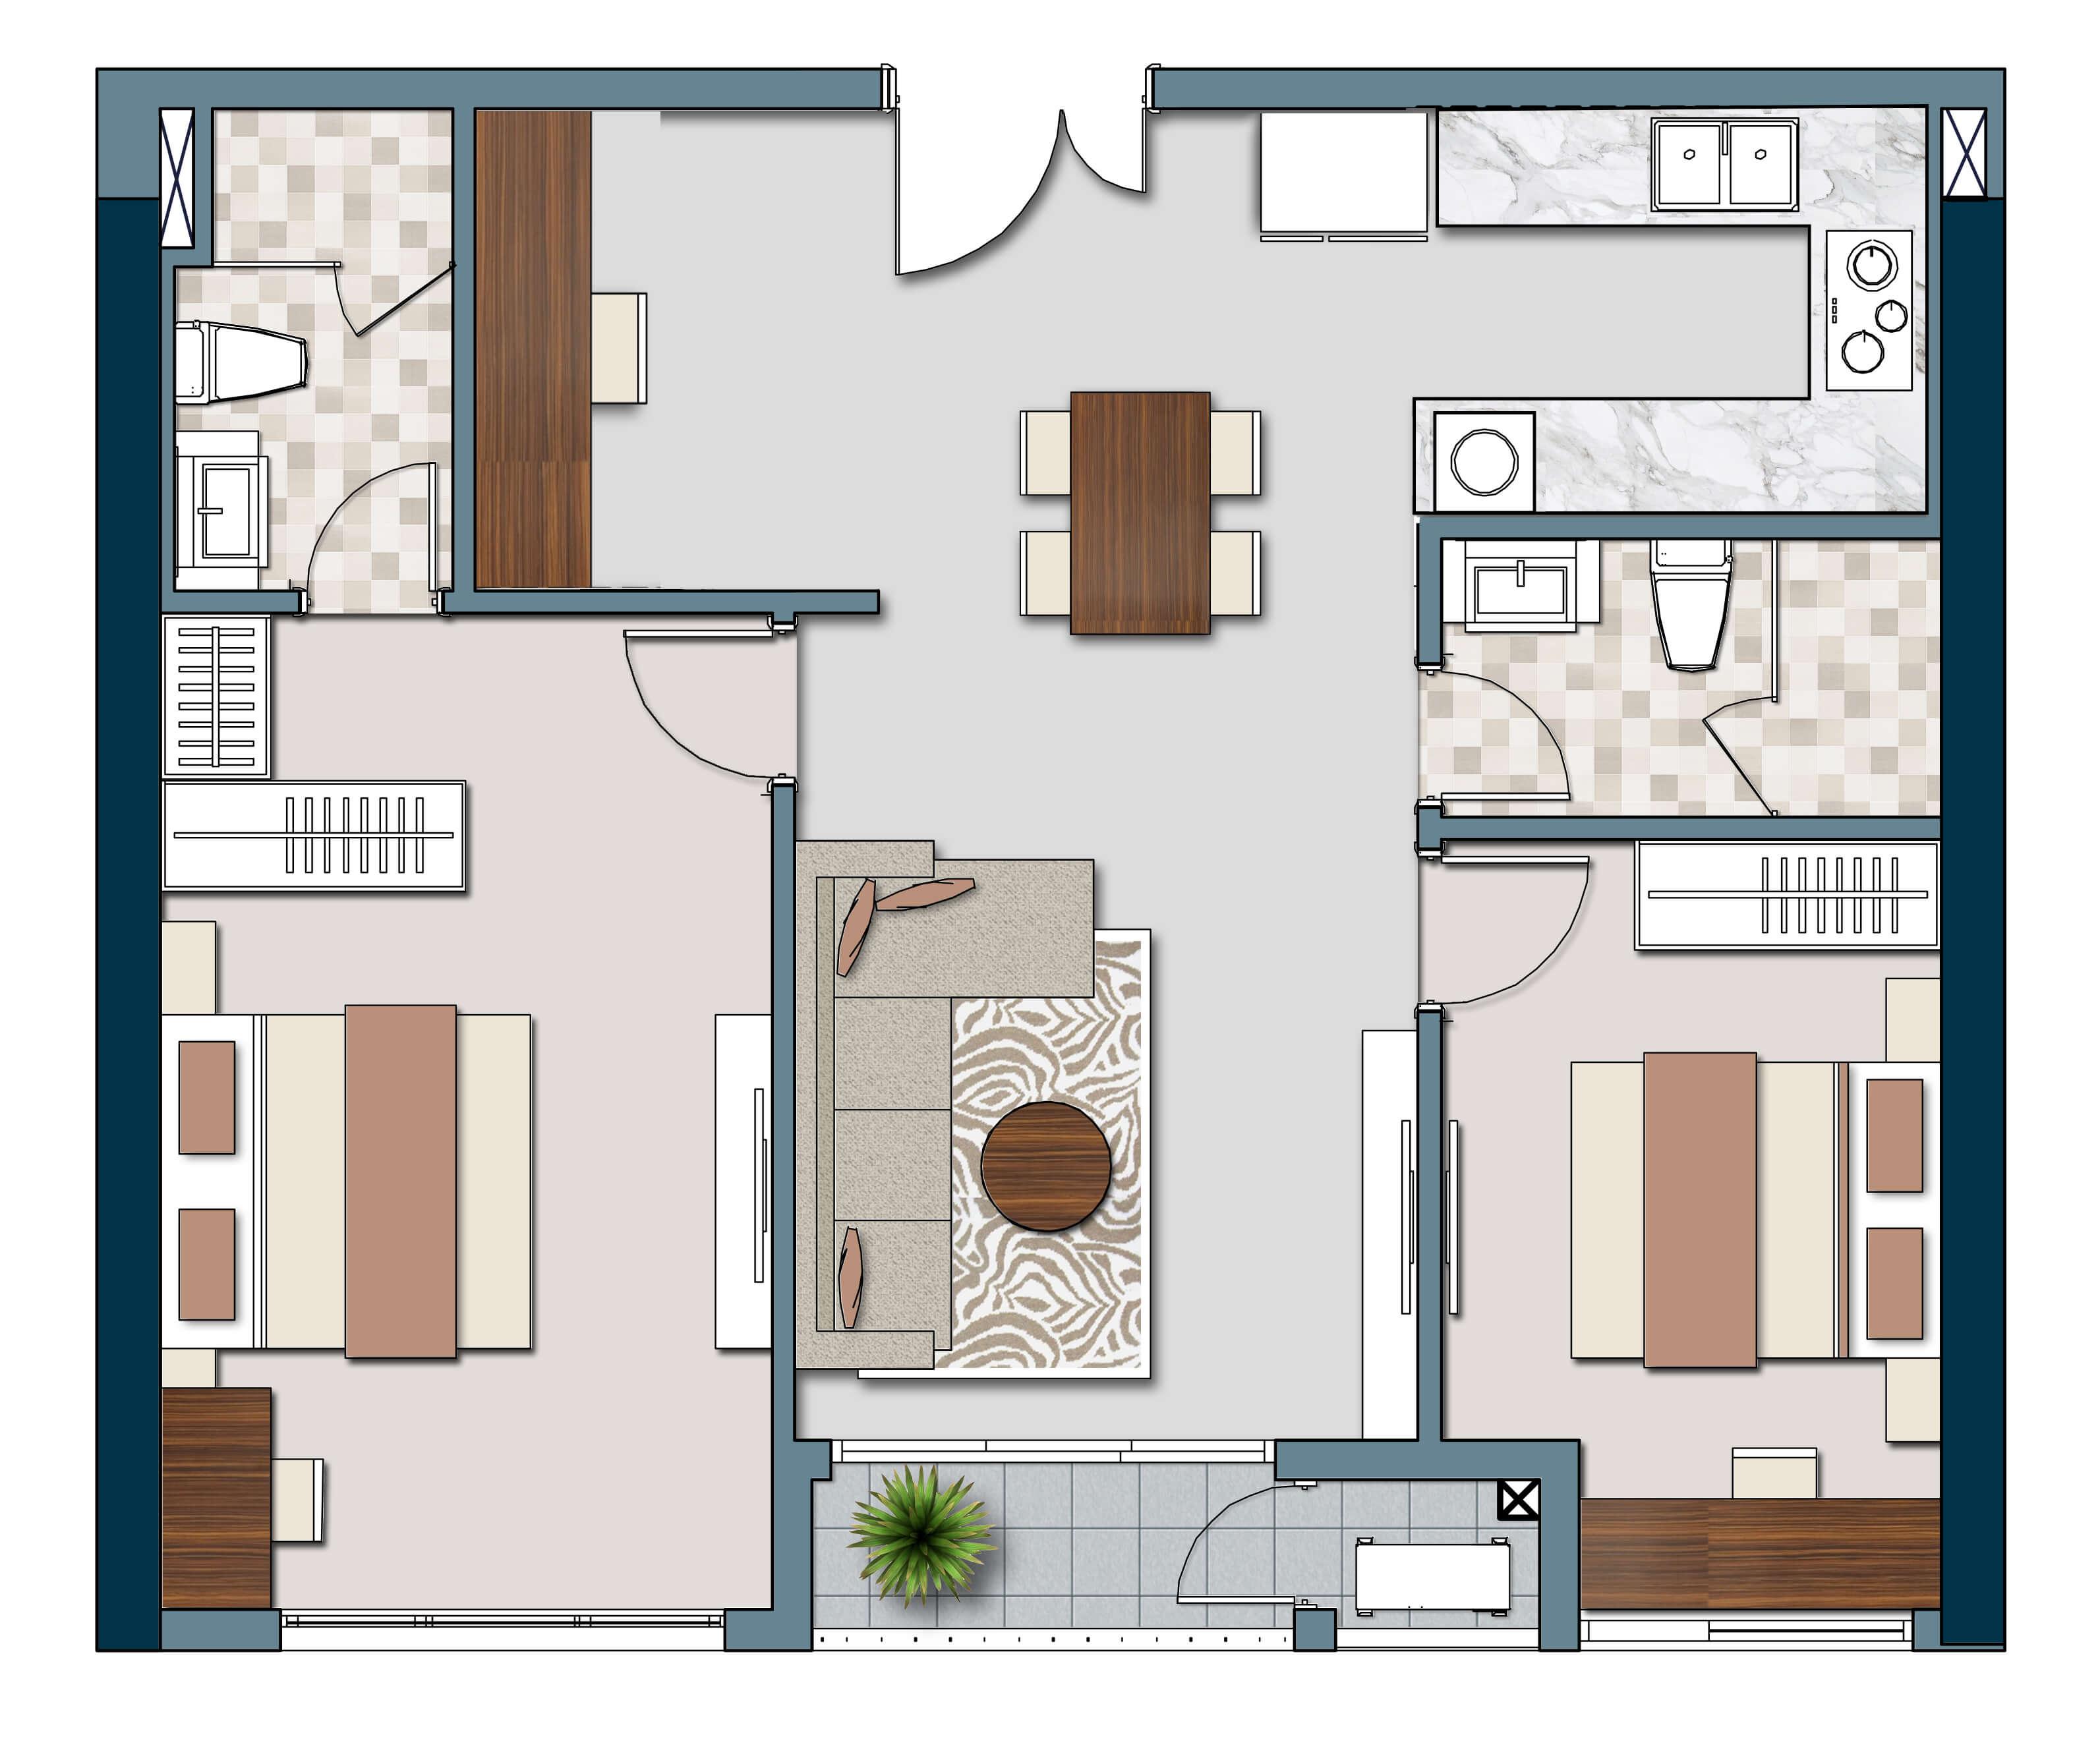 dự án căn hộ Lancaster Lincoln quận 4